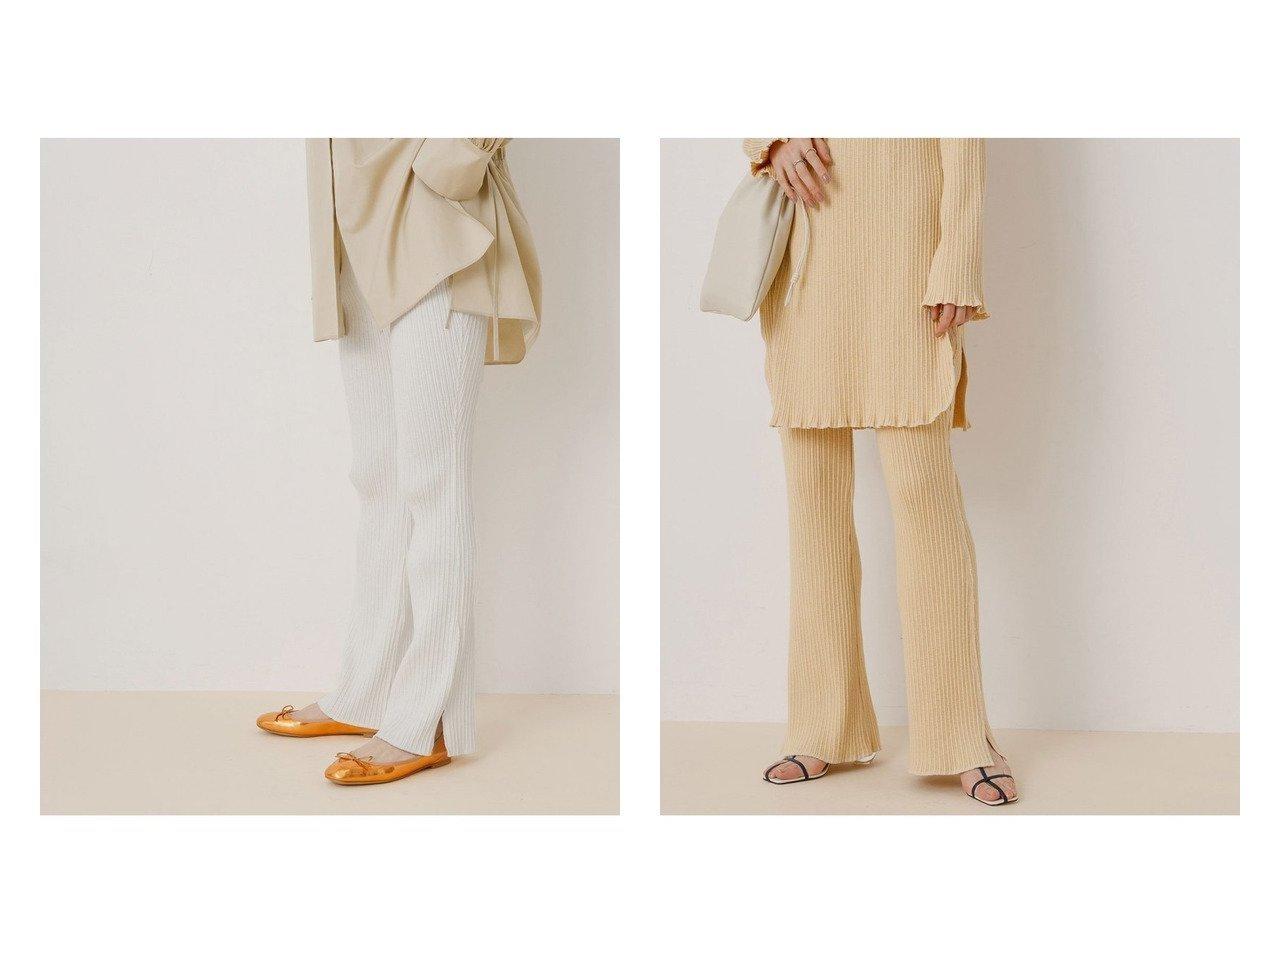 【ADAM ET ROPE'/アダム エ ロペ】の【セットアップ対応】スラブテレコイージーパンツ ロペのおすすめ!人気、トレンド・レディースファッションの通販 おすすめで人気の流行・トレンド、ファッションの通販商品 メンズファッション・キッズファッション・インテリア・家具・レディースファッション・服の通販 founy(ファニー) https://founy.com/ ファッション Fashion レディースファッション WOMEN セットアップ Setup パンツ Pants 春 Spring カットソー ジーンズ スリット セットアップ チュニック テレコ フレア ポケット 2021年 2021 S/S 春夏 SS Spring/Summer 2021 春夏 S/S SS Spring/Summer 2021 おすすめ Recommend |ID:crp329100000020674